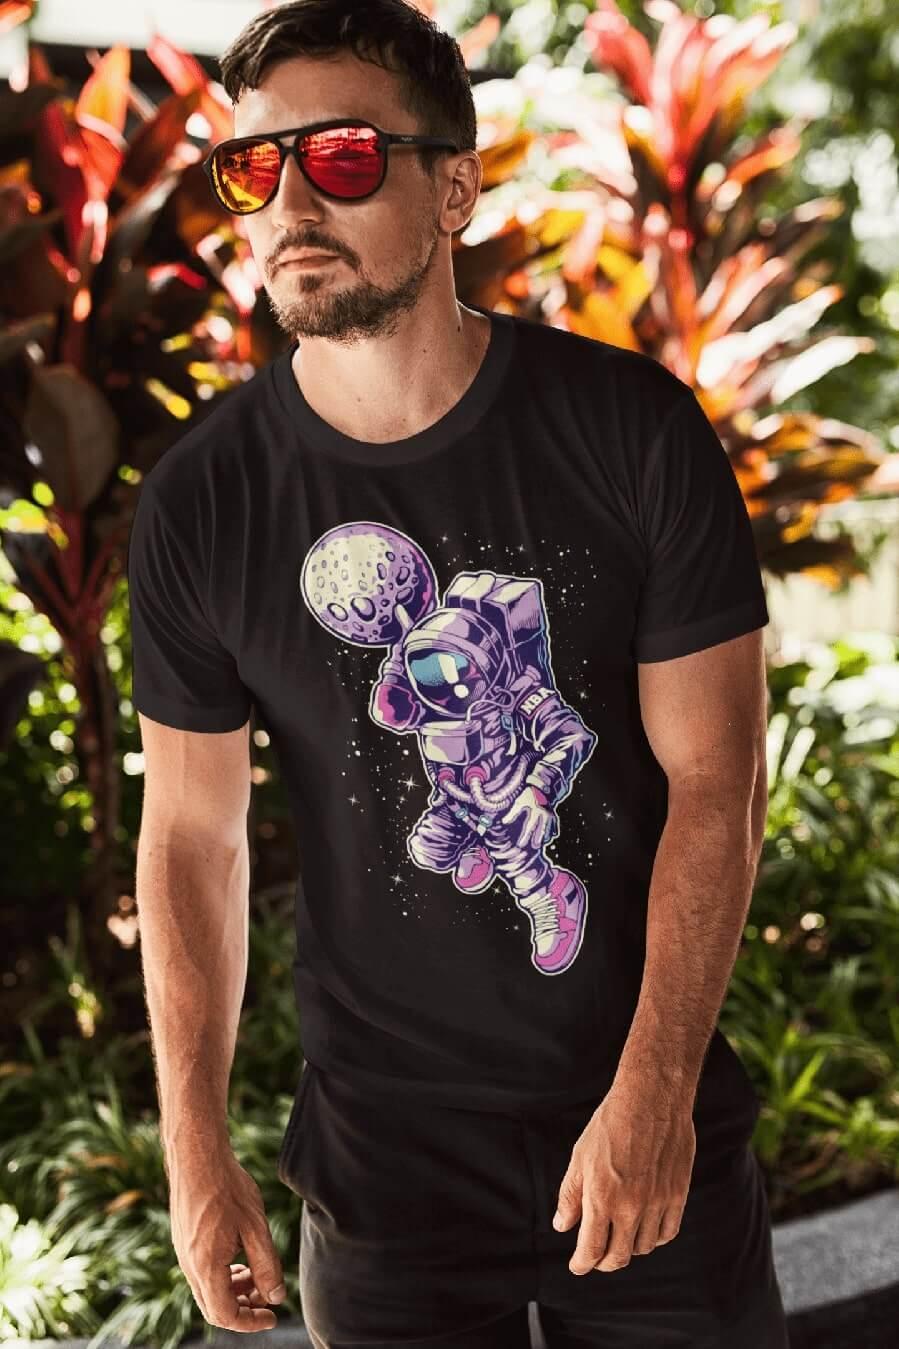 MMO Pánske tričko Astronaut s mesiacom v ruke Vyberte farbu: Čierna, Vyberte veľkosť: L